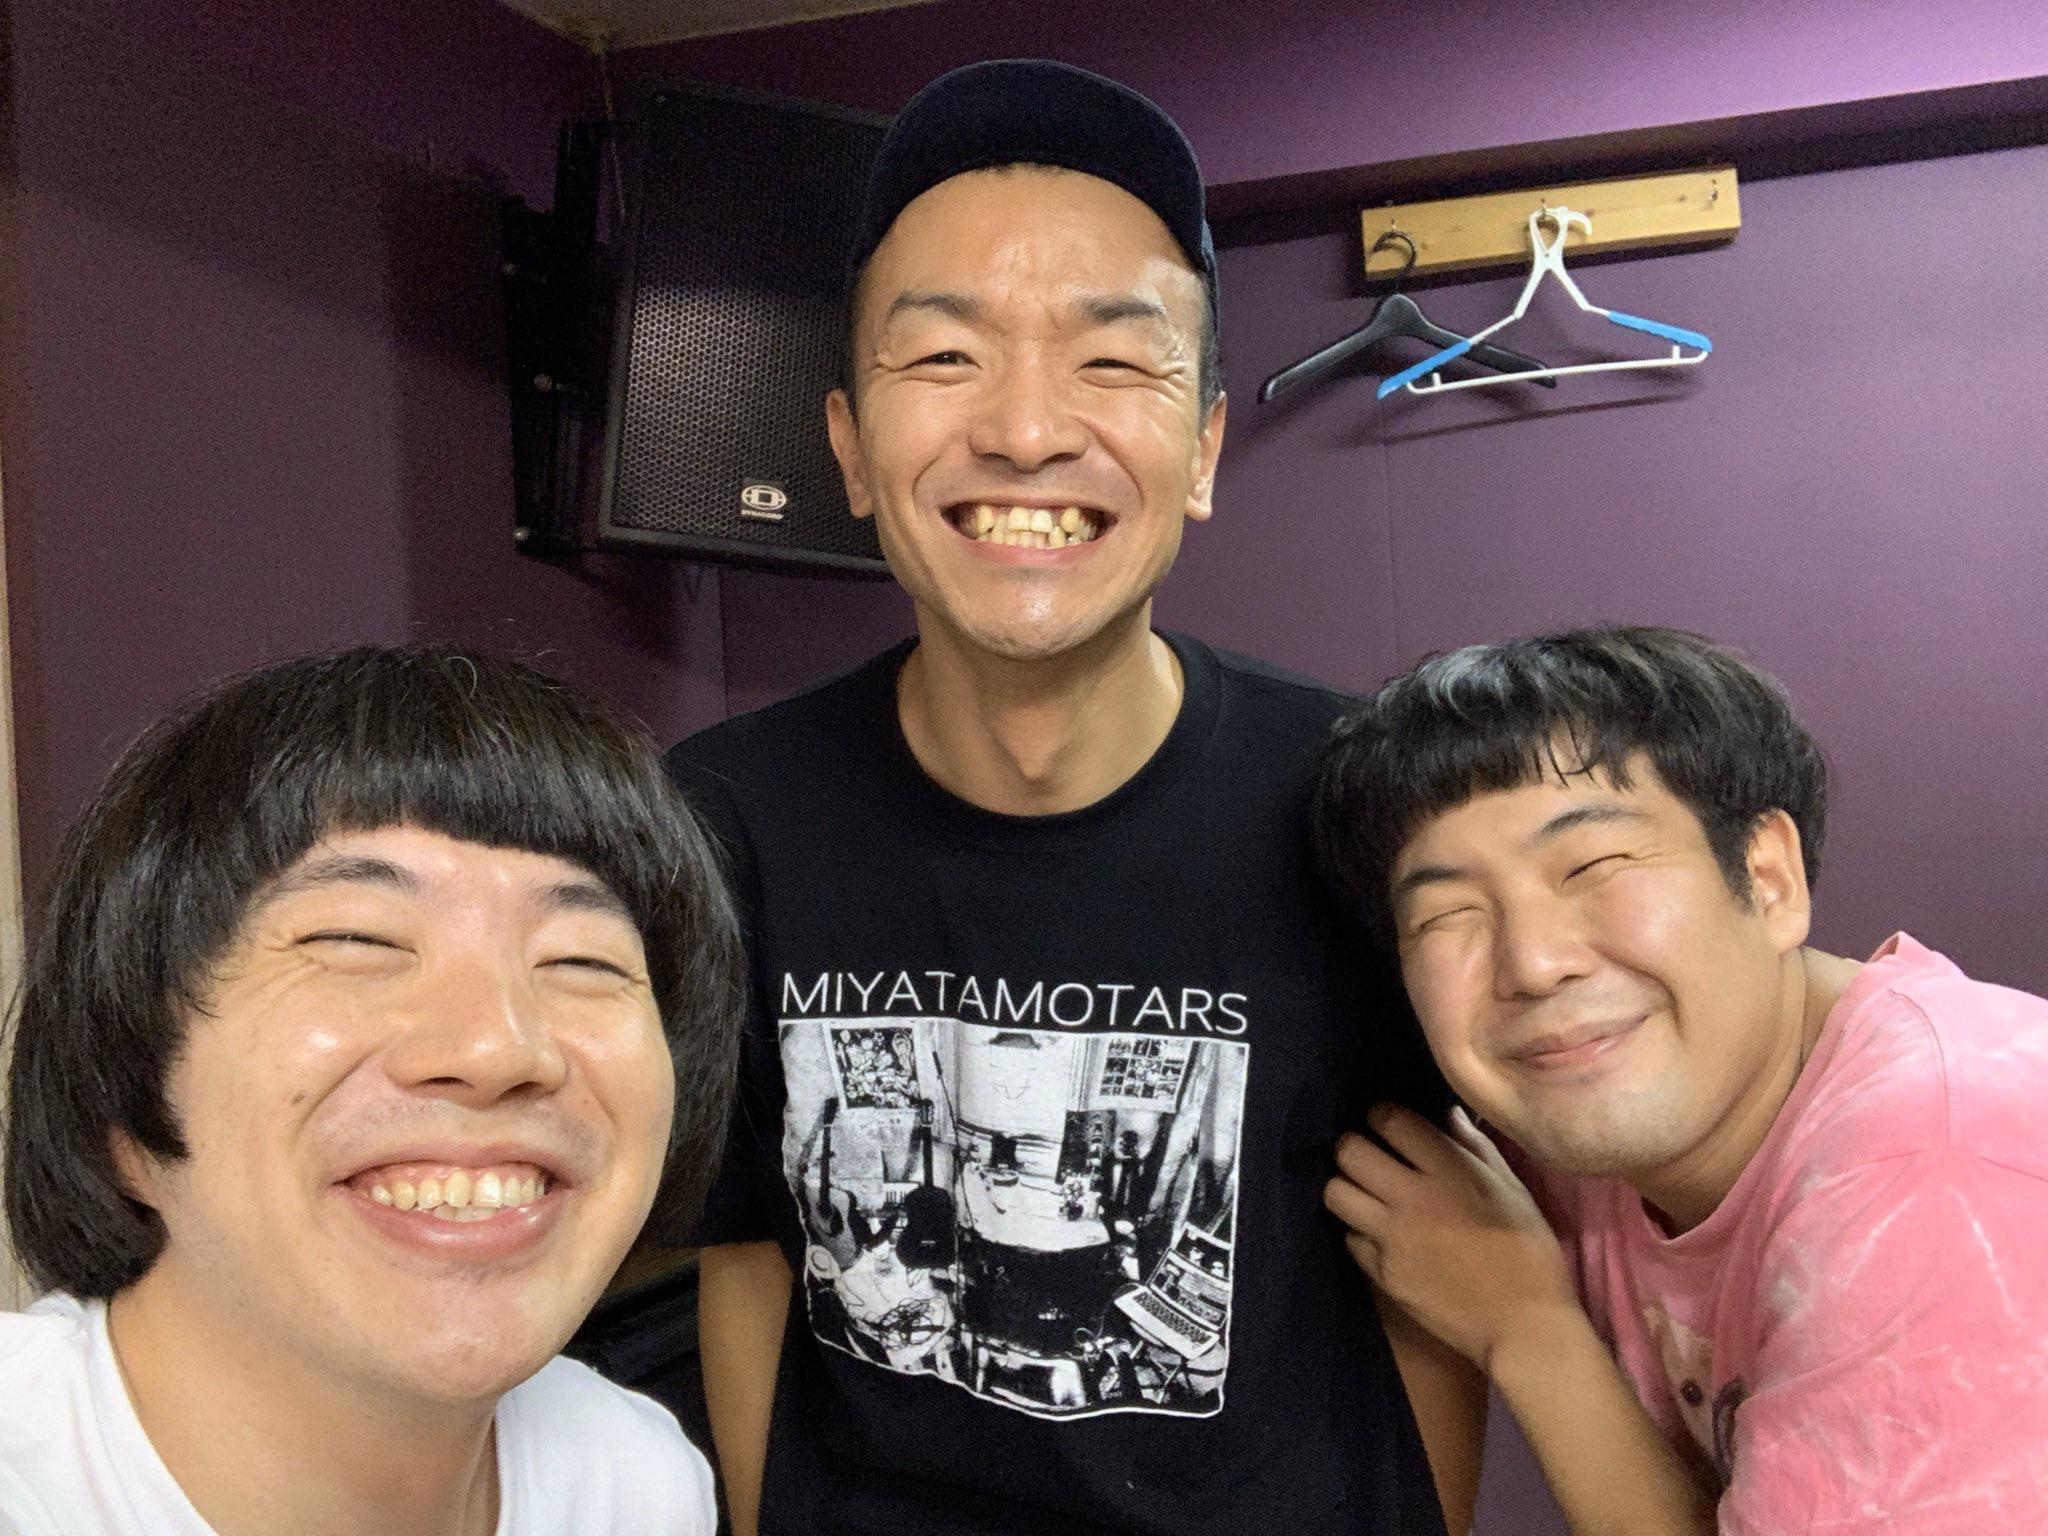 大阪ハウリンバー 開催延期